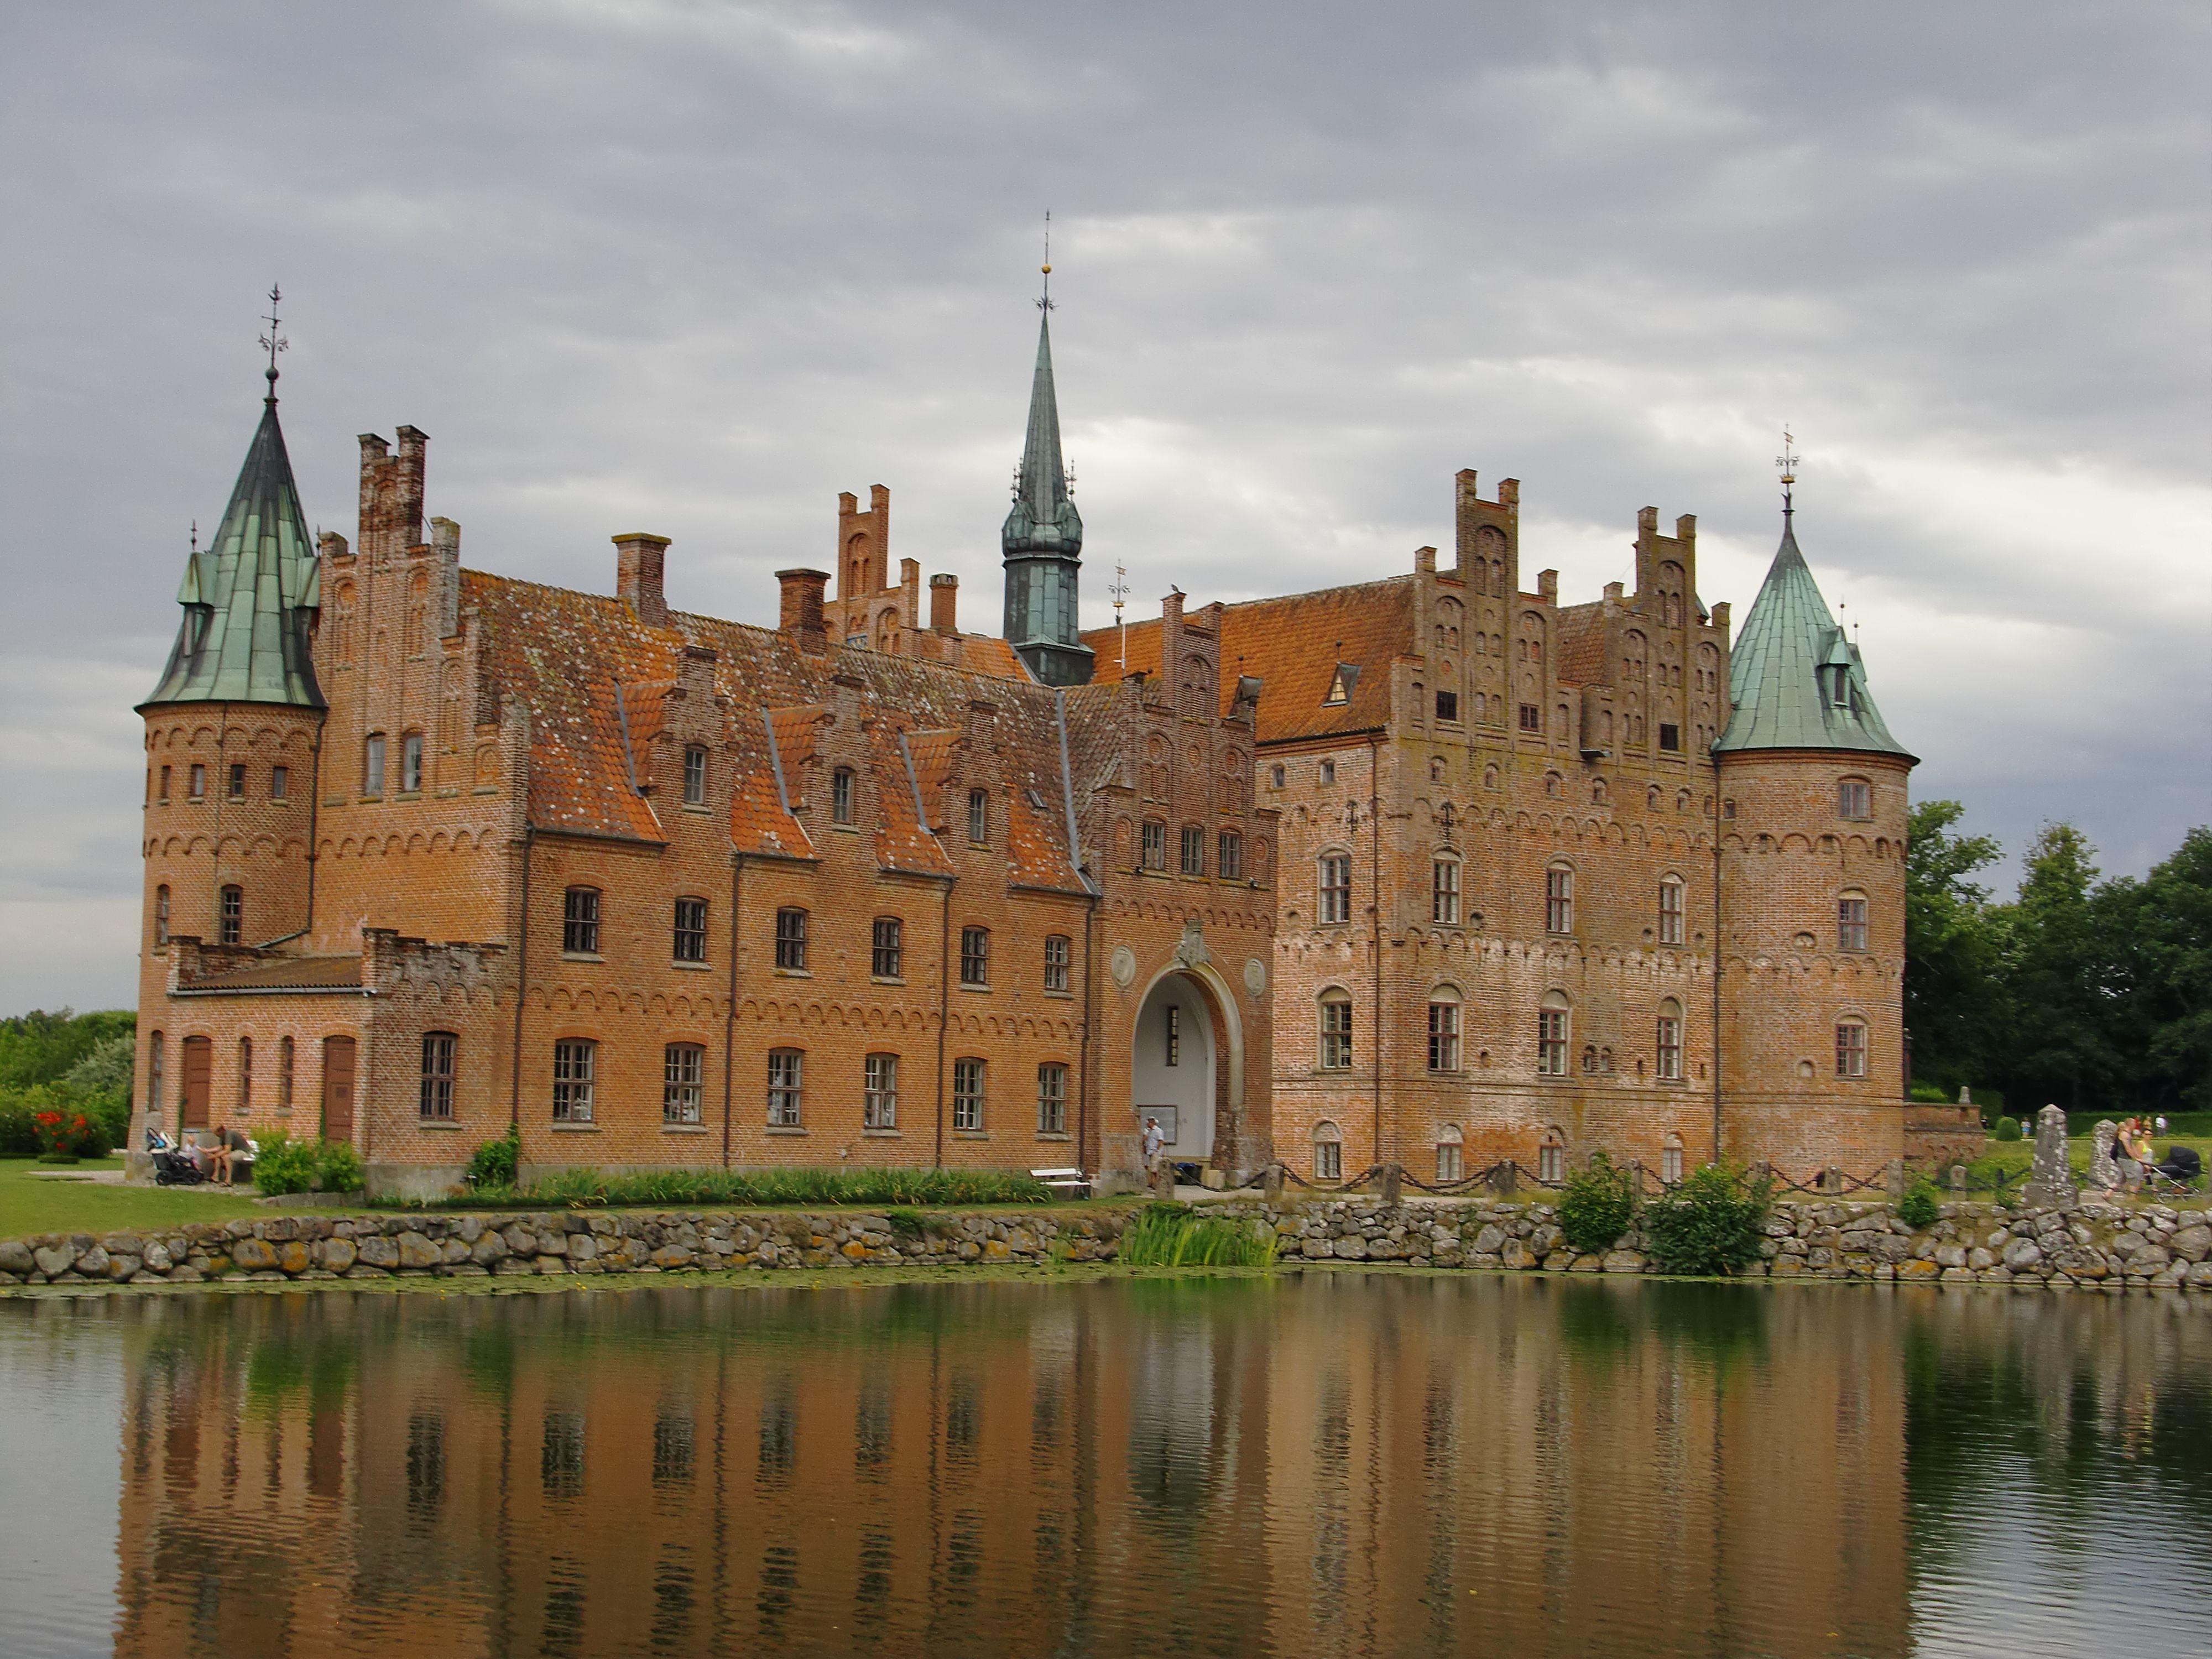 Egeskov Castle in Denmark Castles Pinterest